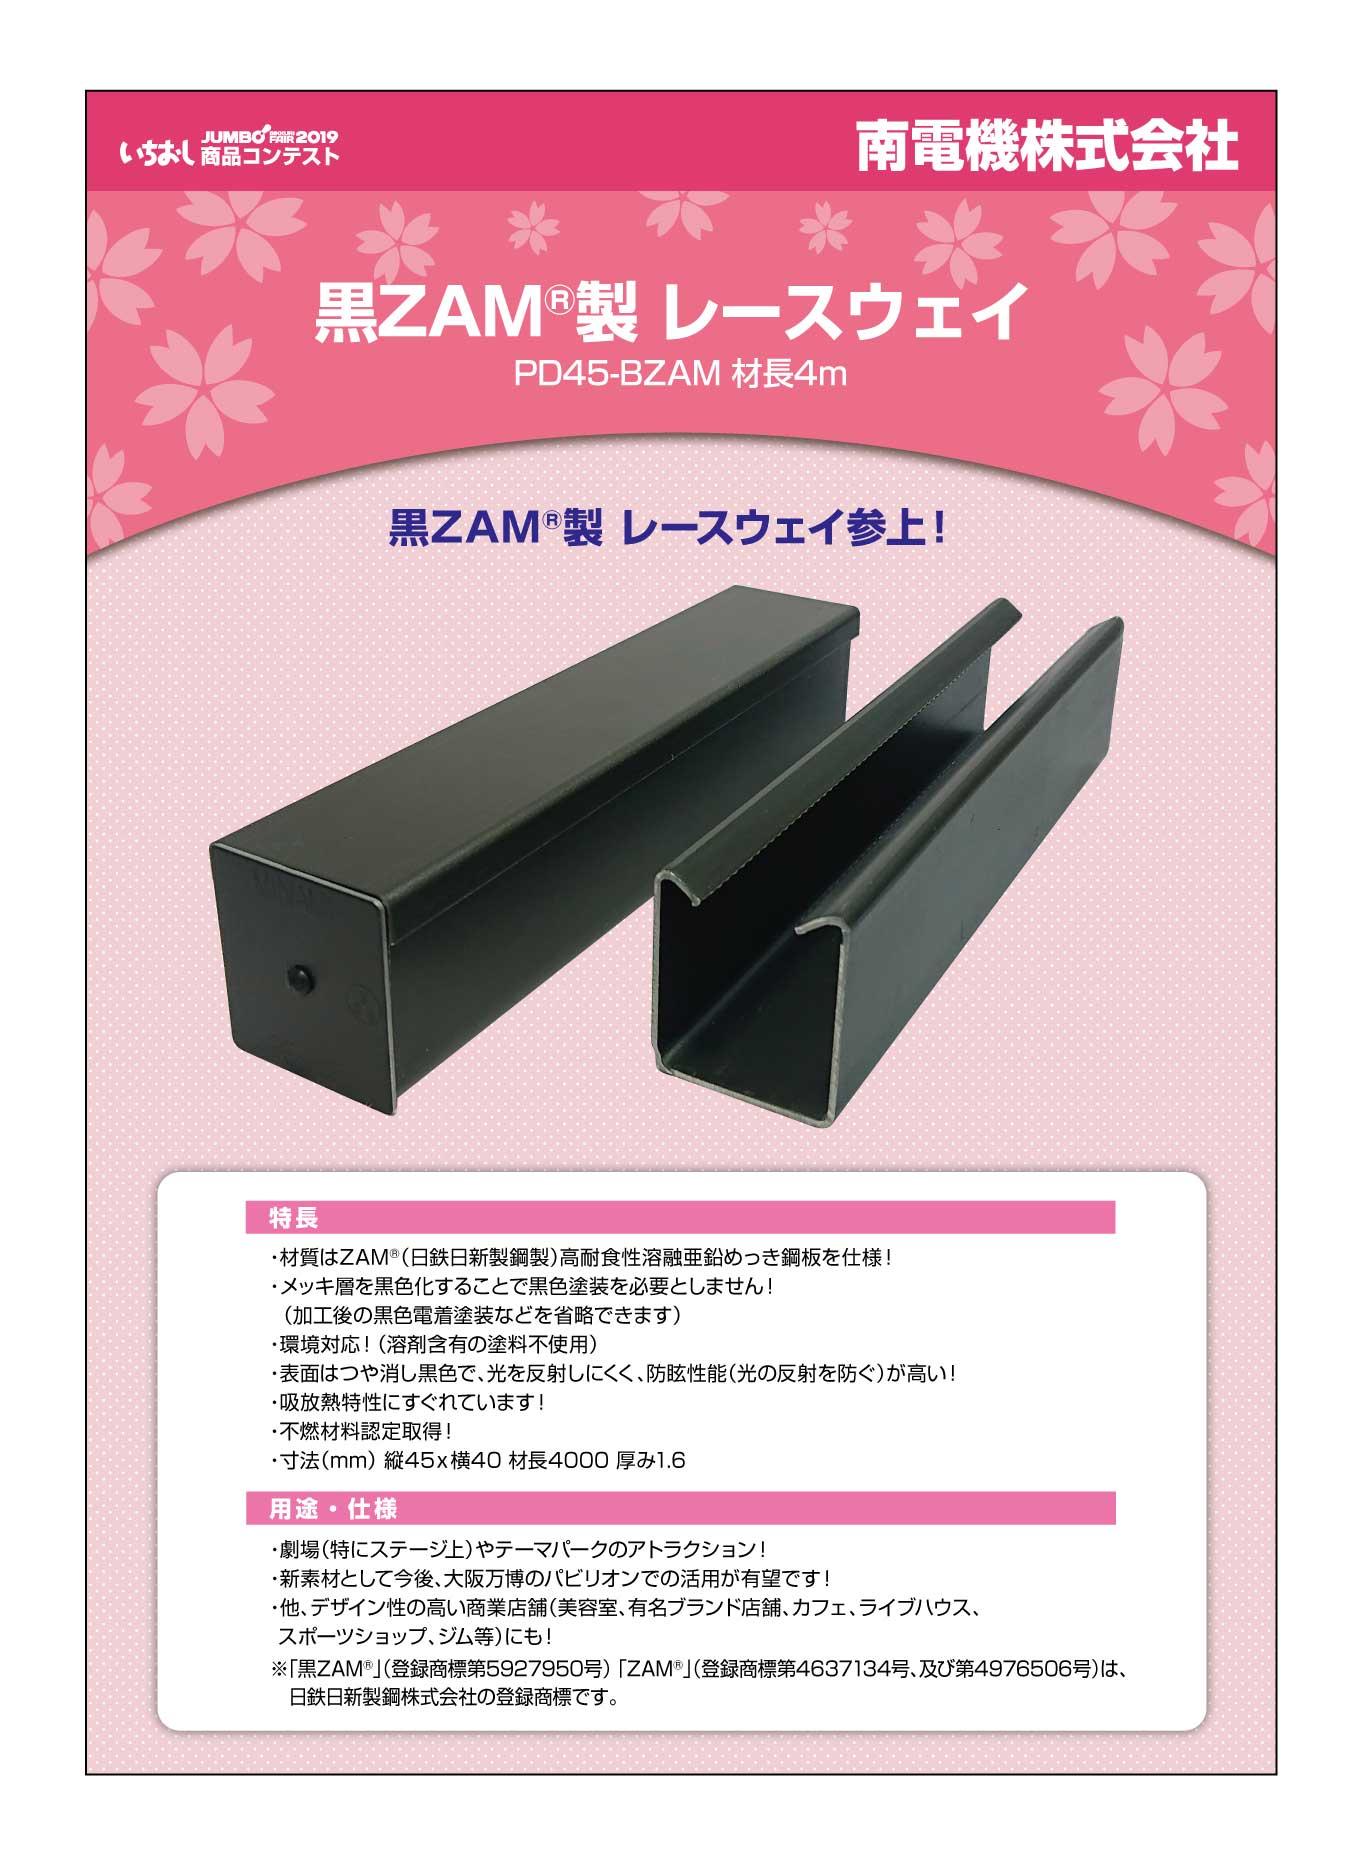 「黒 ZAM®製 レースウェイ」南電機株式会社の画像